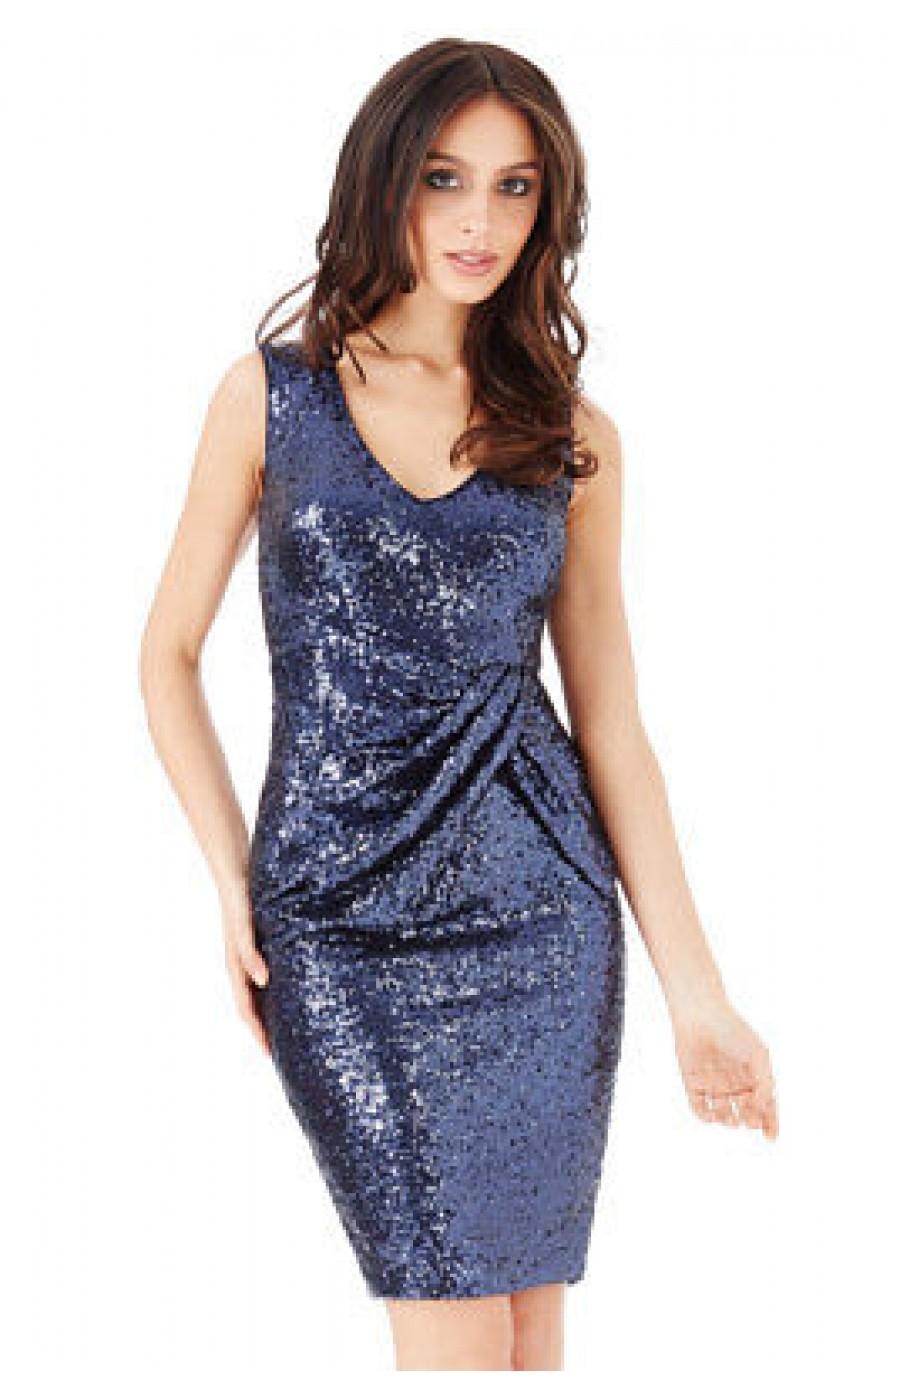 Επίσημο μπλε φόρεμα με παγιετες